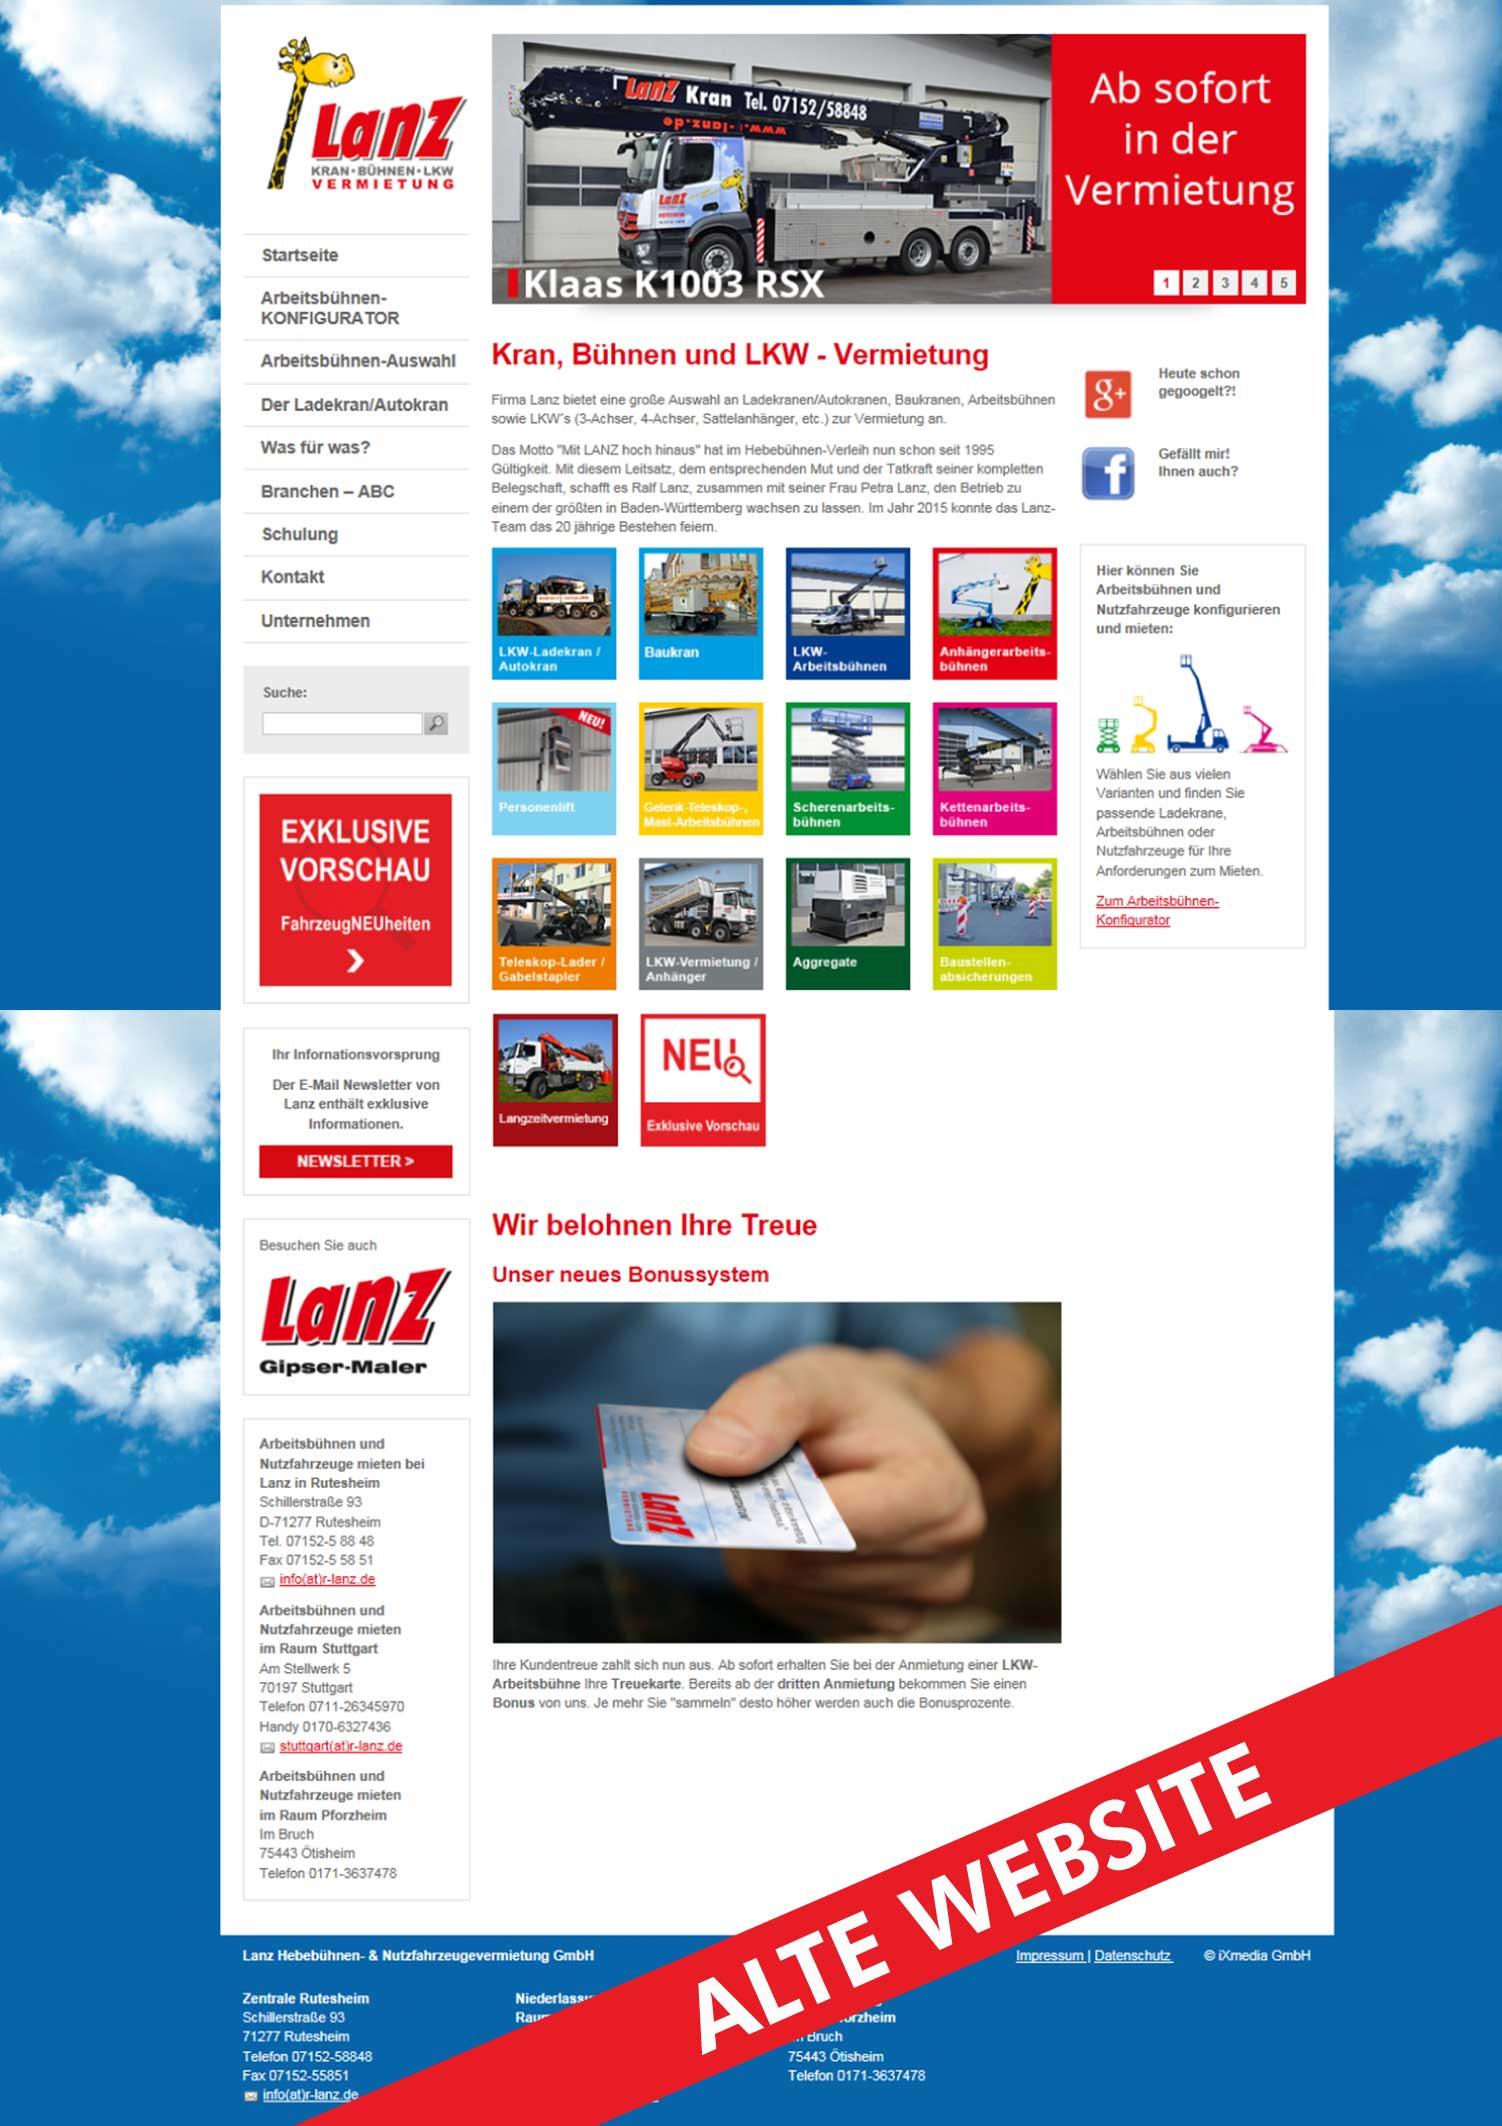 Universal-Brands-Beitragsbild-Lanz-alte-website-a